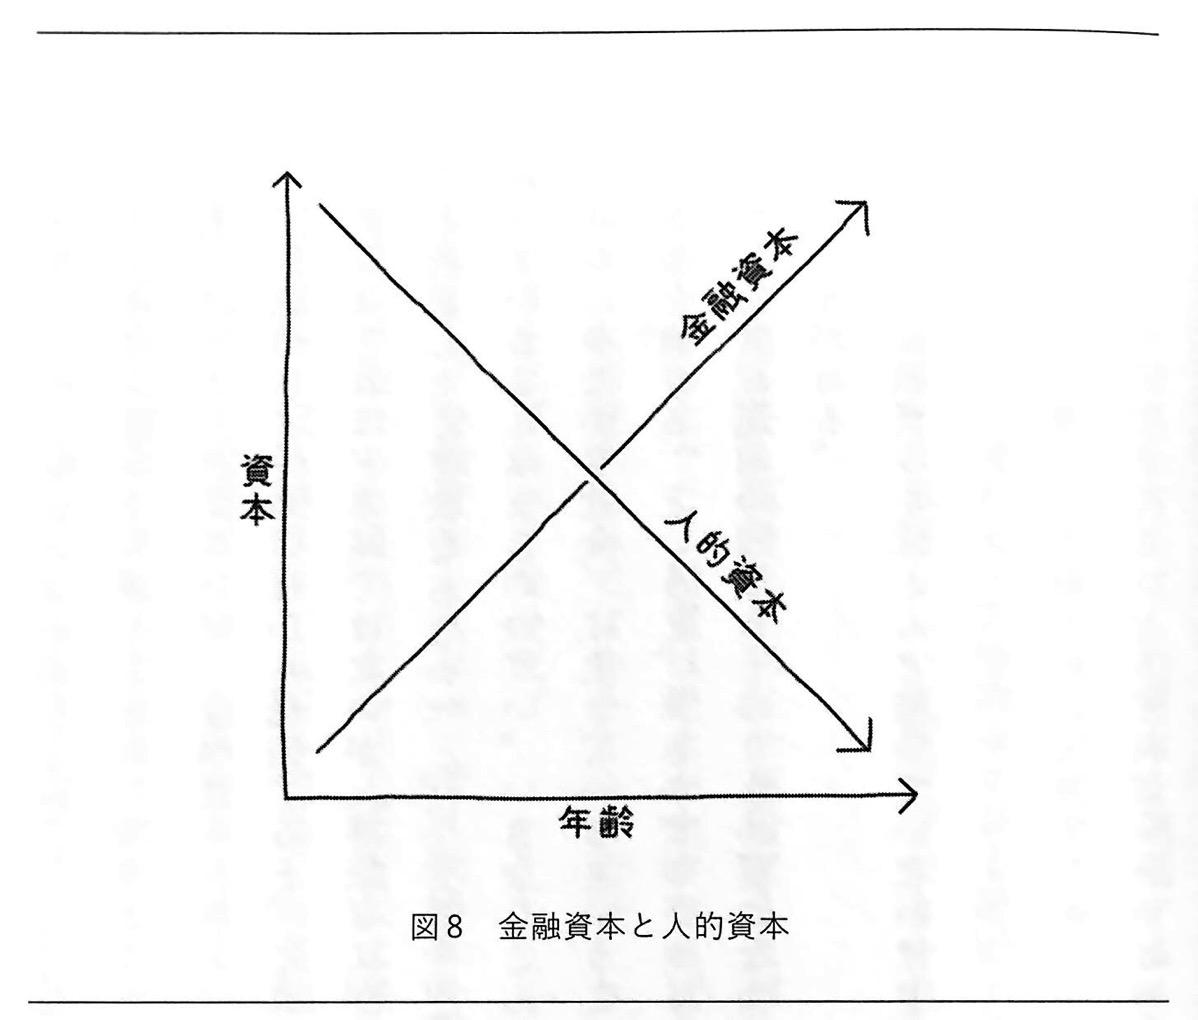 図8 金融資本と人的資本 人生は攻略できる 攻略編1